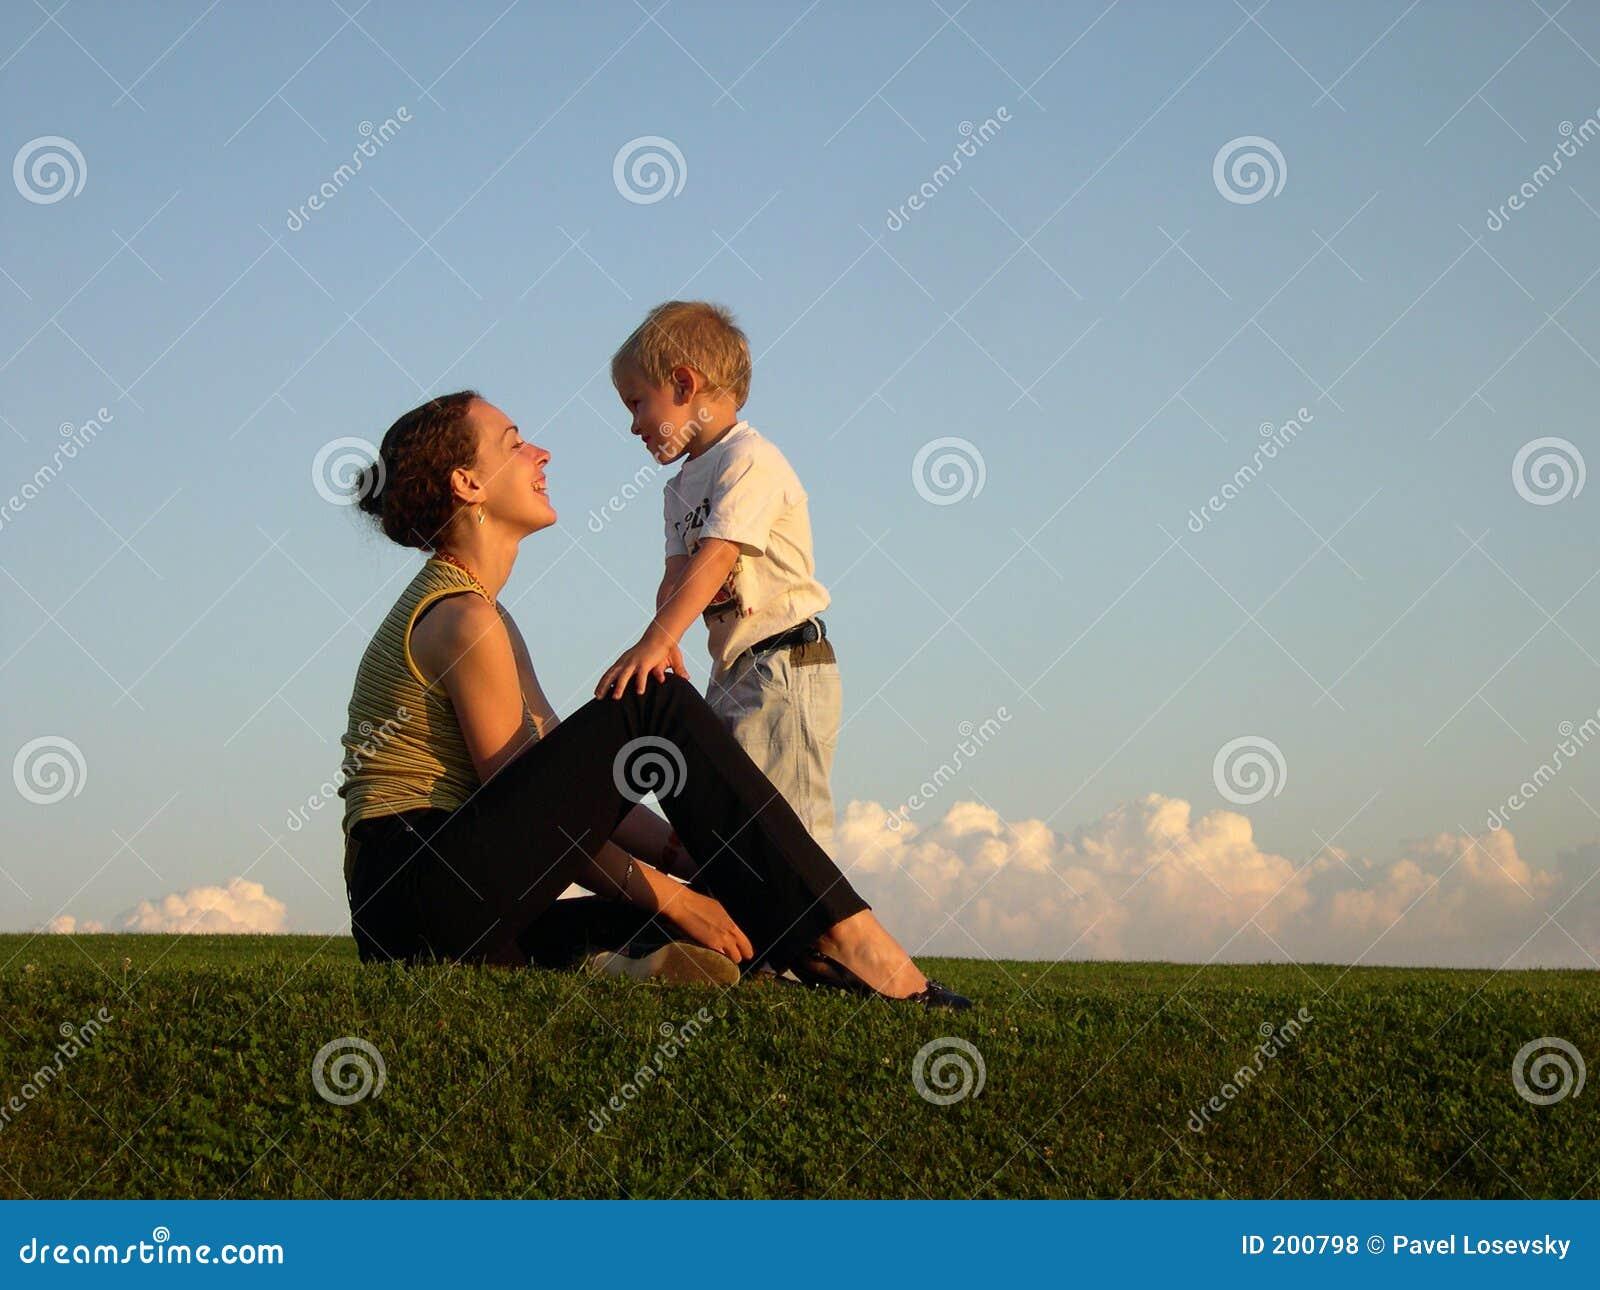 Секс сын трахает мать в картинках, Мама и сын » Инцест фото. Порно мамы и сына, папы 18 фотография